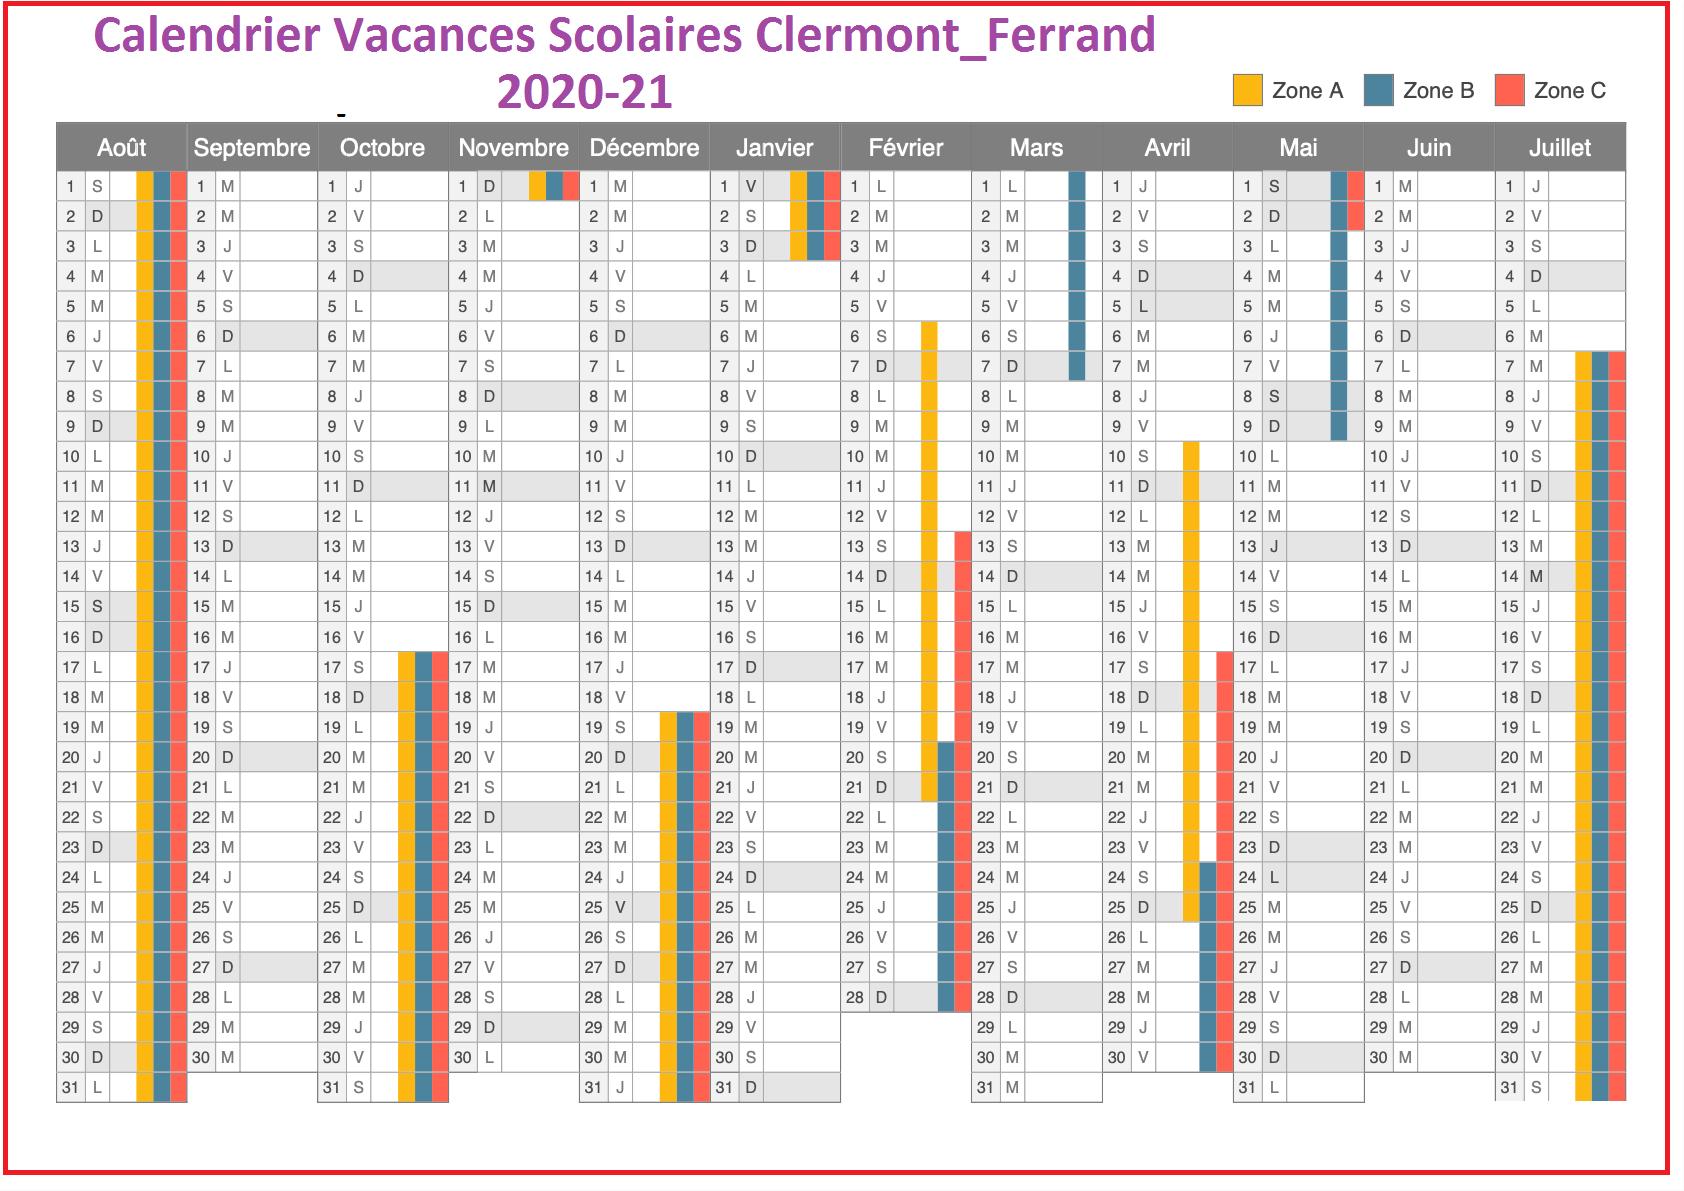 CalendrierScolaire2020-2021 en ClermontFerrand